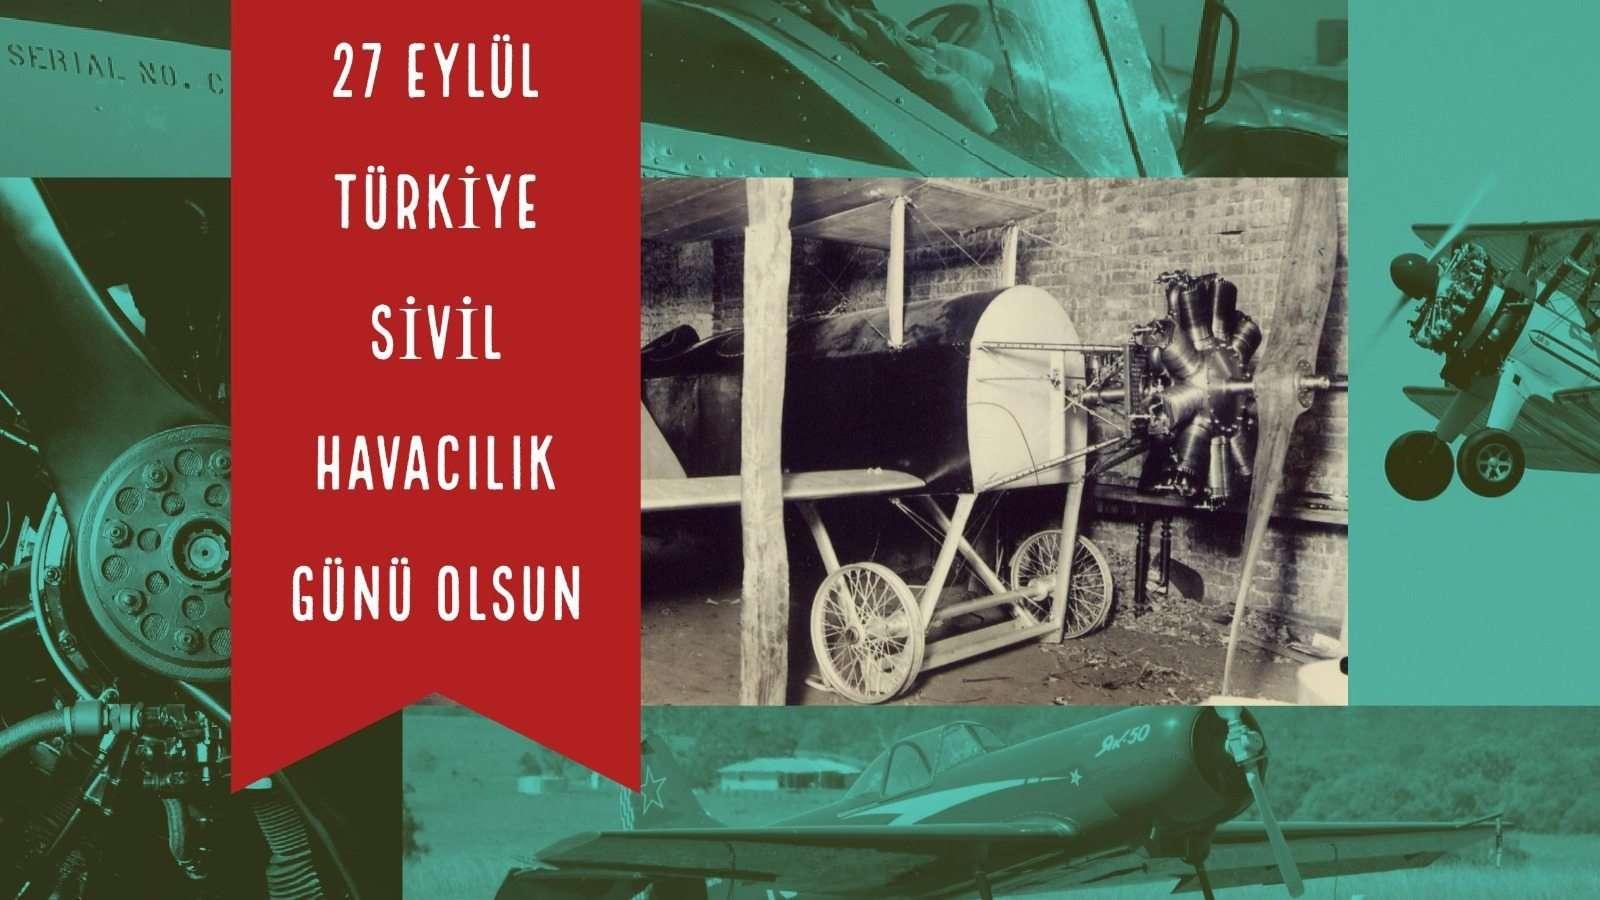 27 Eylül Turkiye Sivil Havacilik Gunu Olmalidir